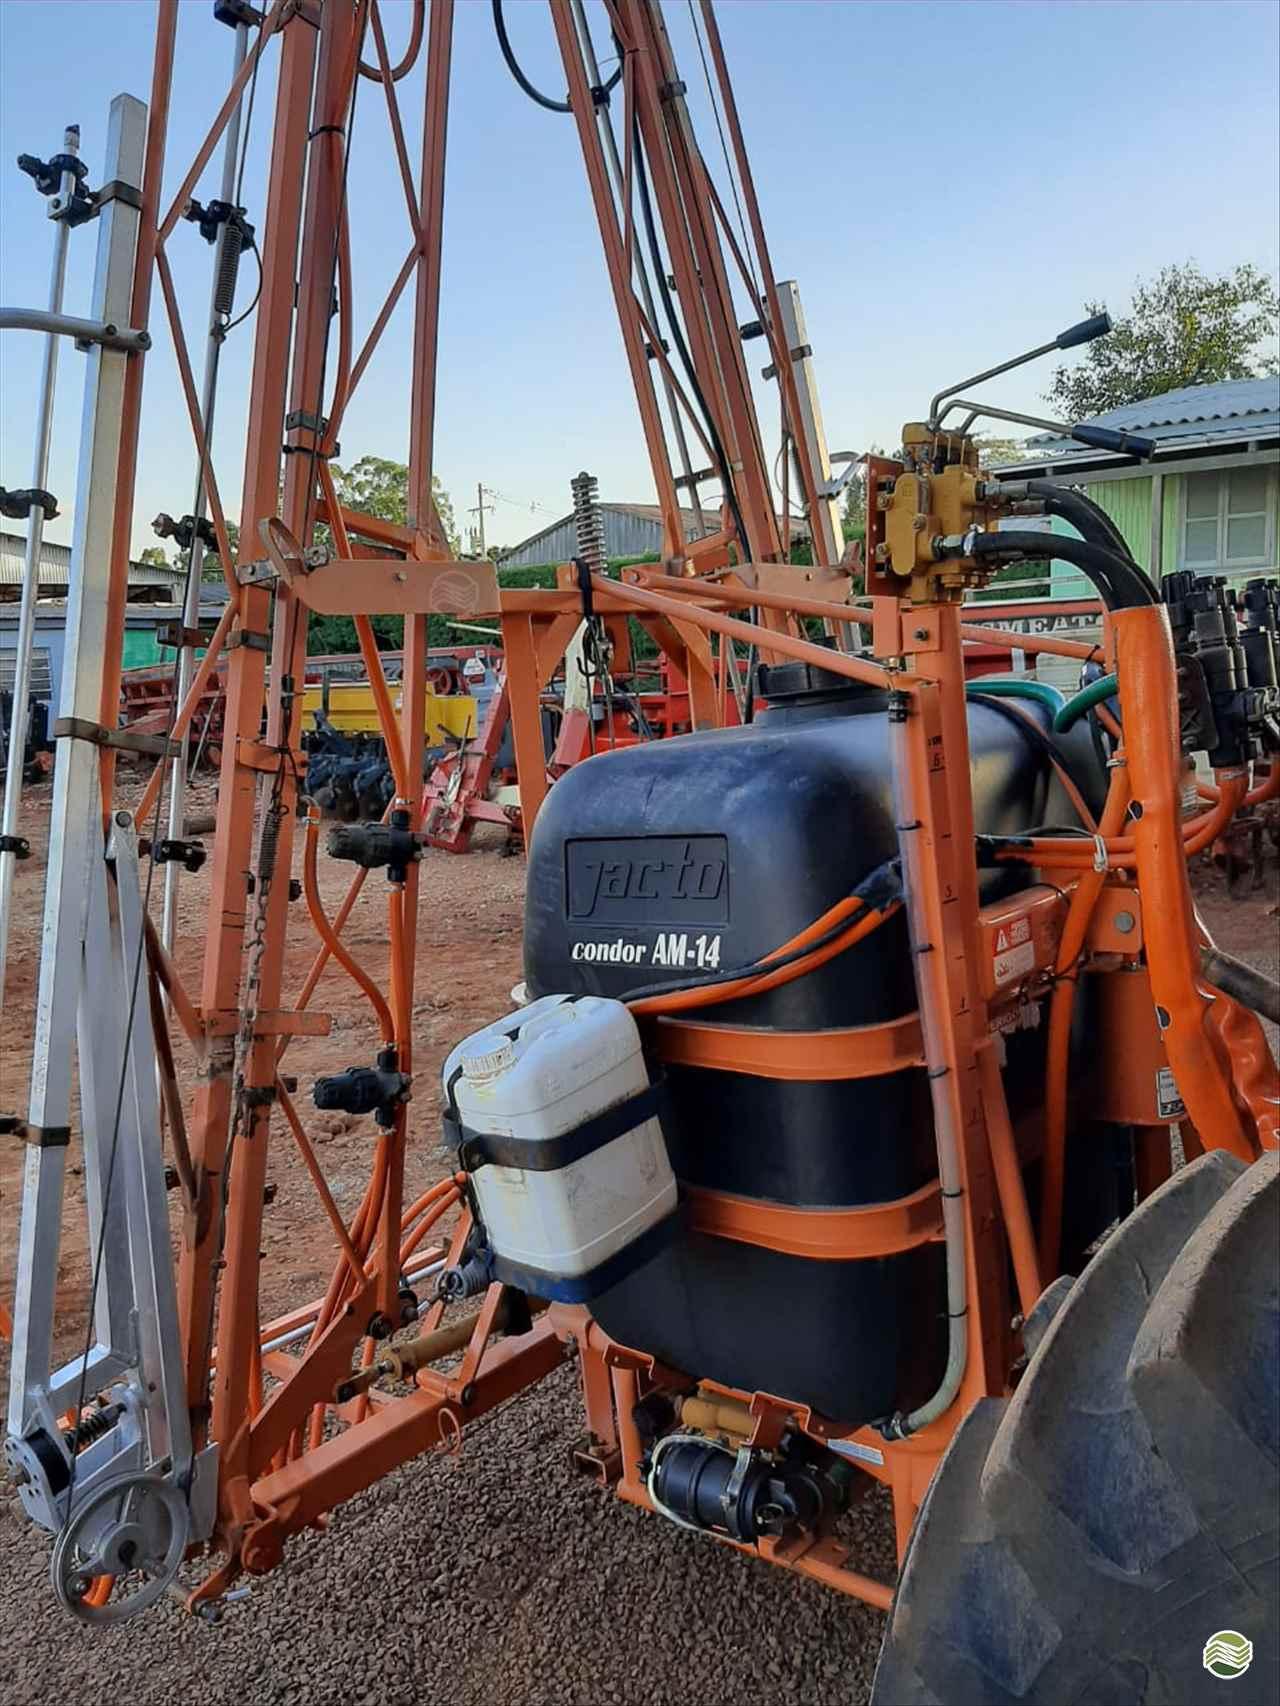 PULVERIZADOR JACTO CONDOR 600 AM14 Acoplado Hidráulico Agrocia Implementos Agricolas AJURICABA RIO GRANDE DO SUL RS